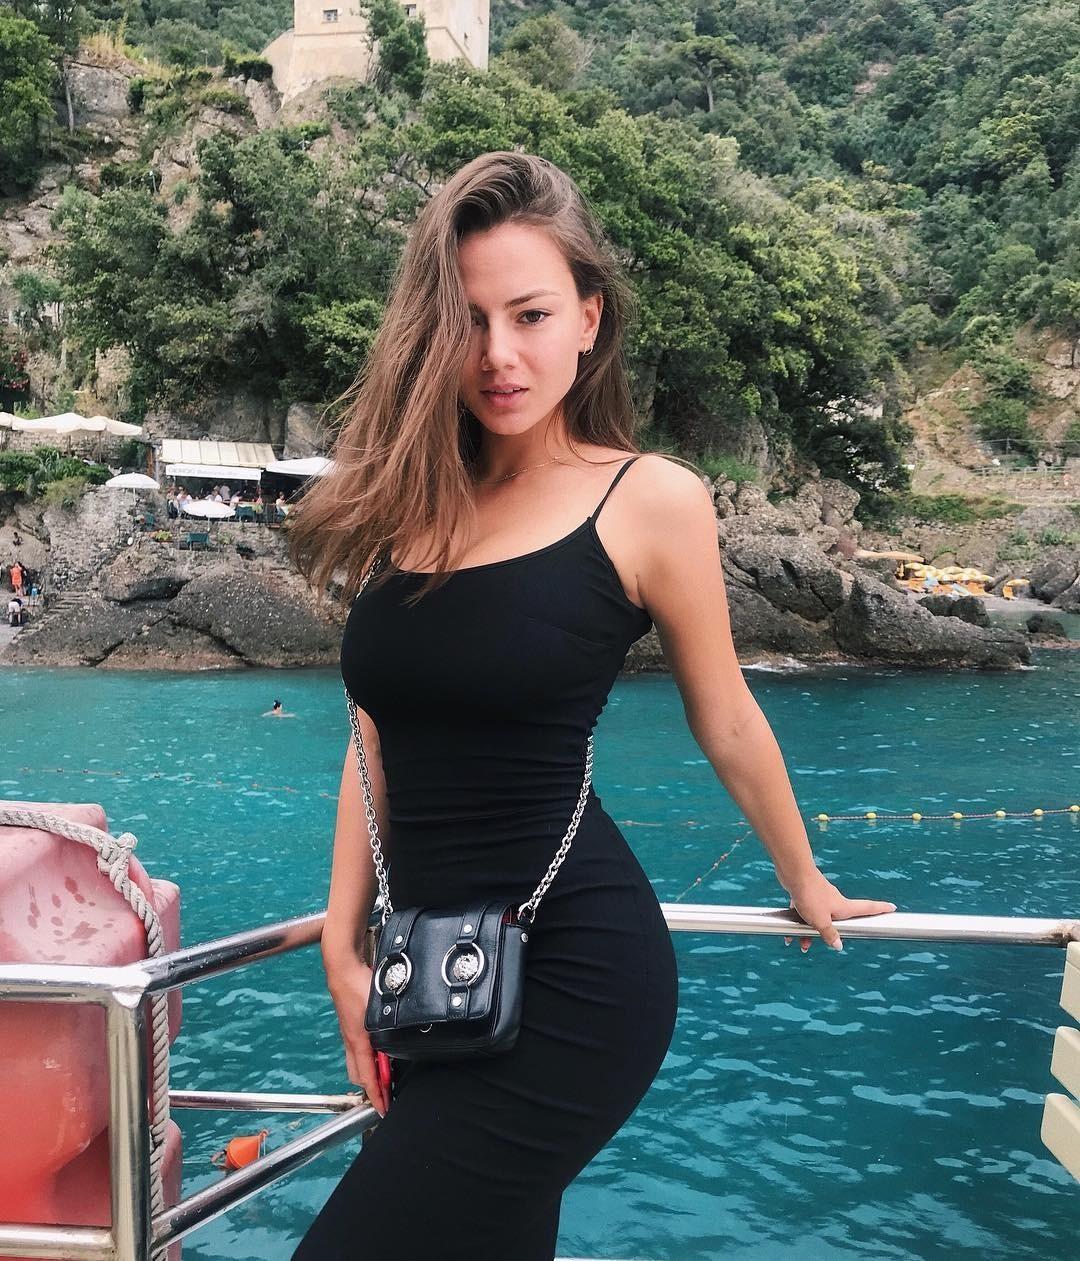 Новой женой Джонни Деппа может стать русская танцовщица Полина Глен